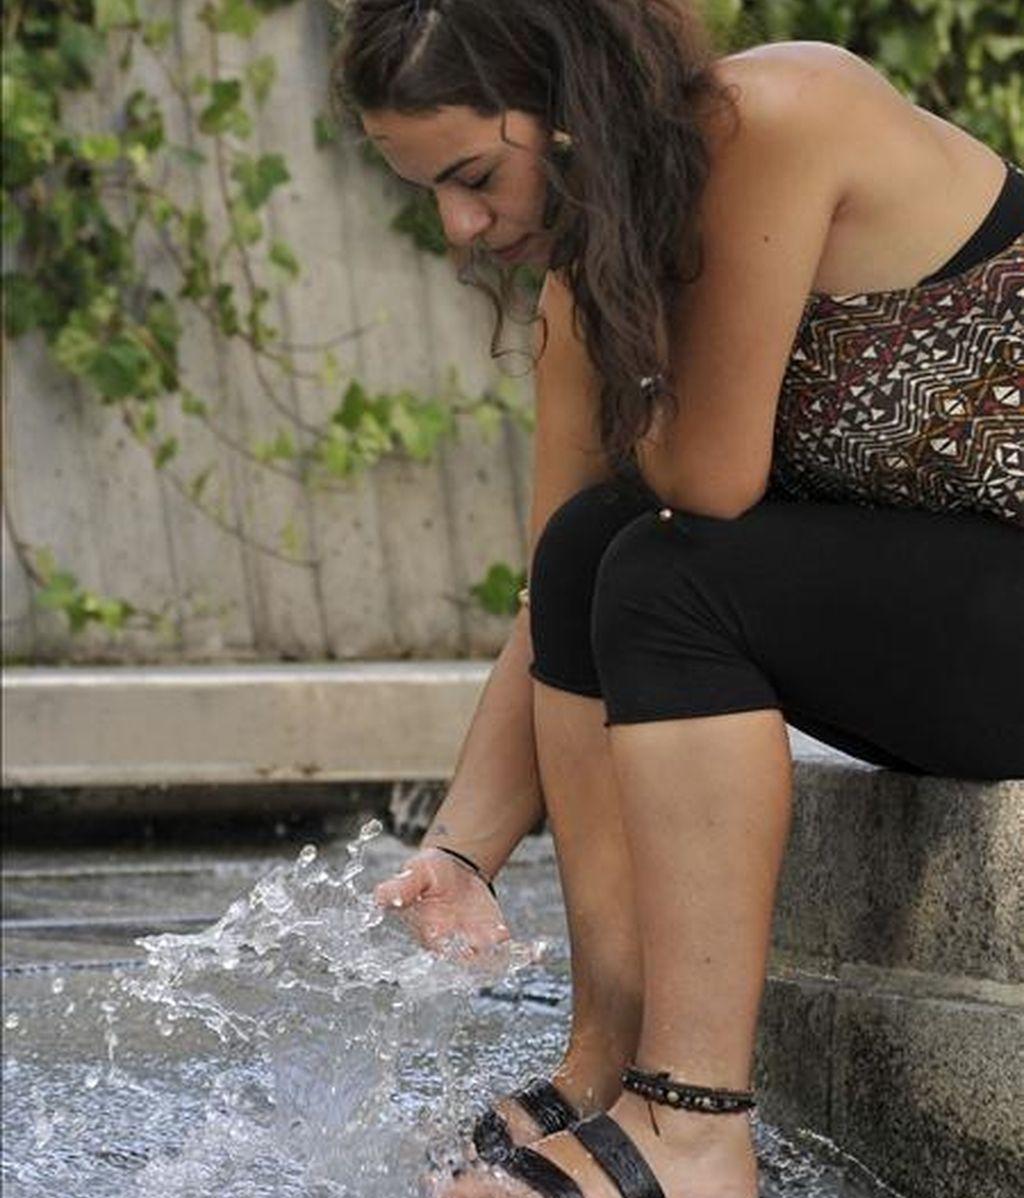 Una joven se refresca el agua de una fuente de la plaza de Tirso de Molina de Madrid, para intentar sofocar las altas temperaturas que se registran en la capital. EFE